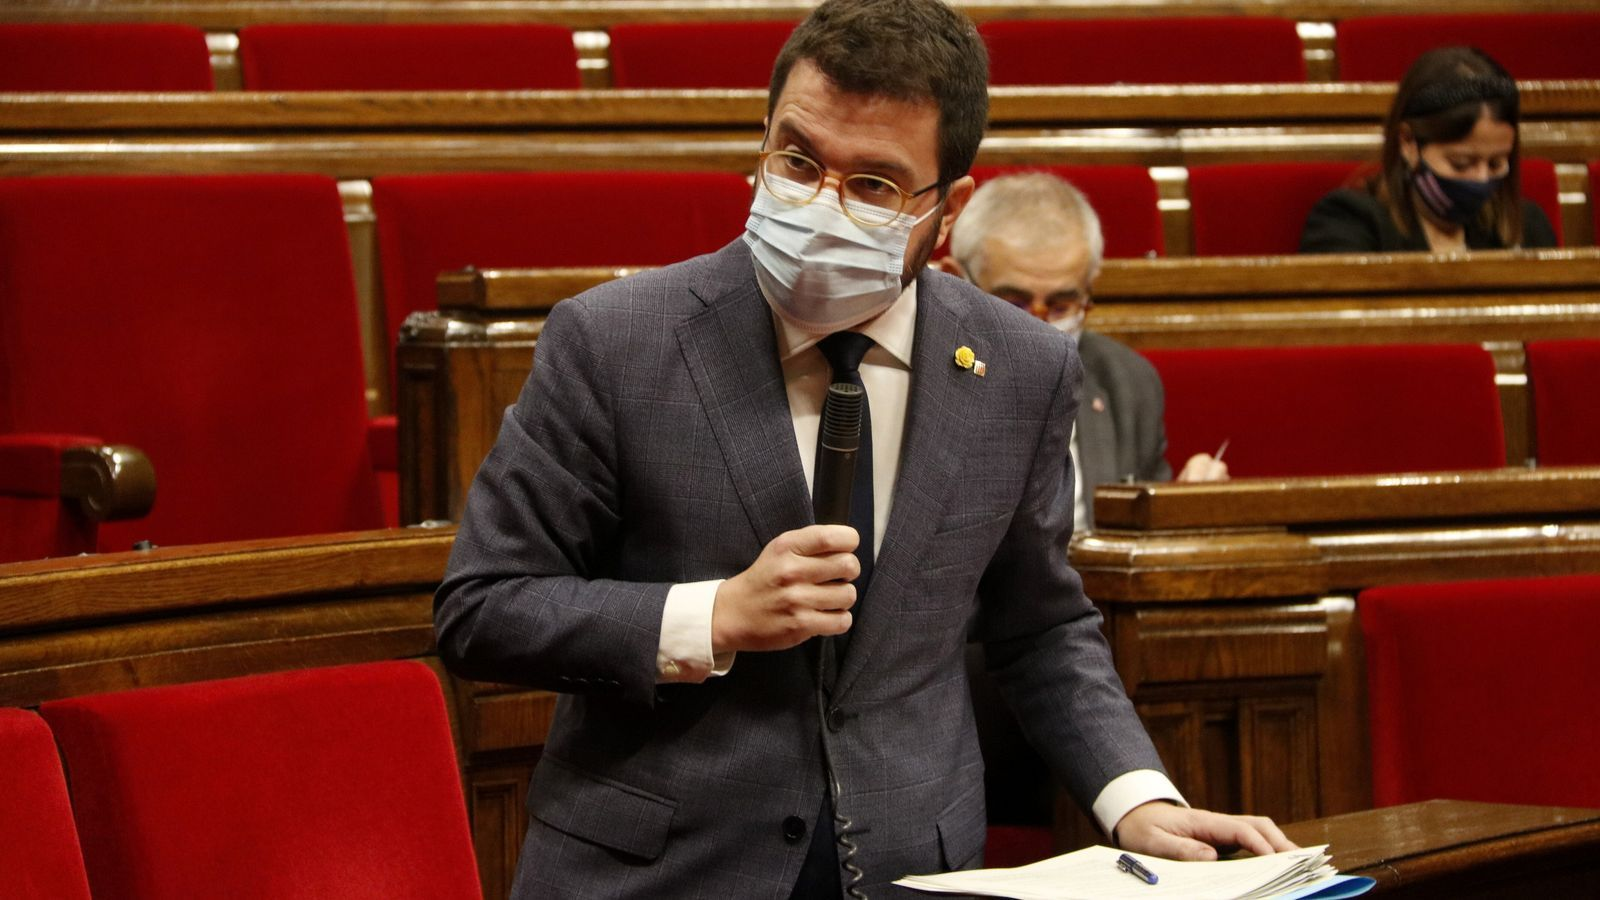 El vicepresident del Govern amb funcions de president, Pere Aragonès, durant la sessió de control al Parlament. Imatge del 2 de desembre del 2020